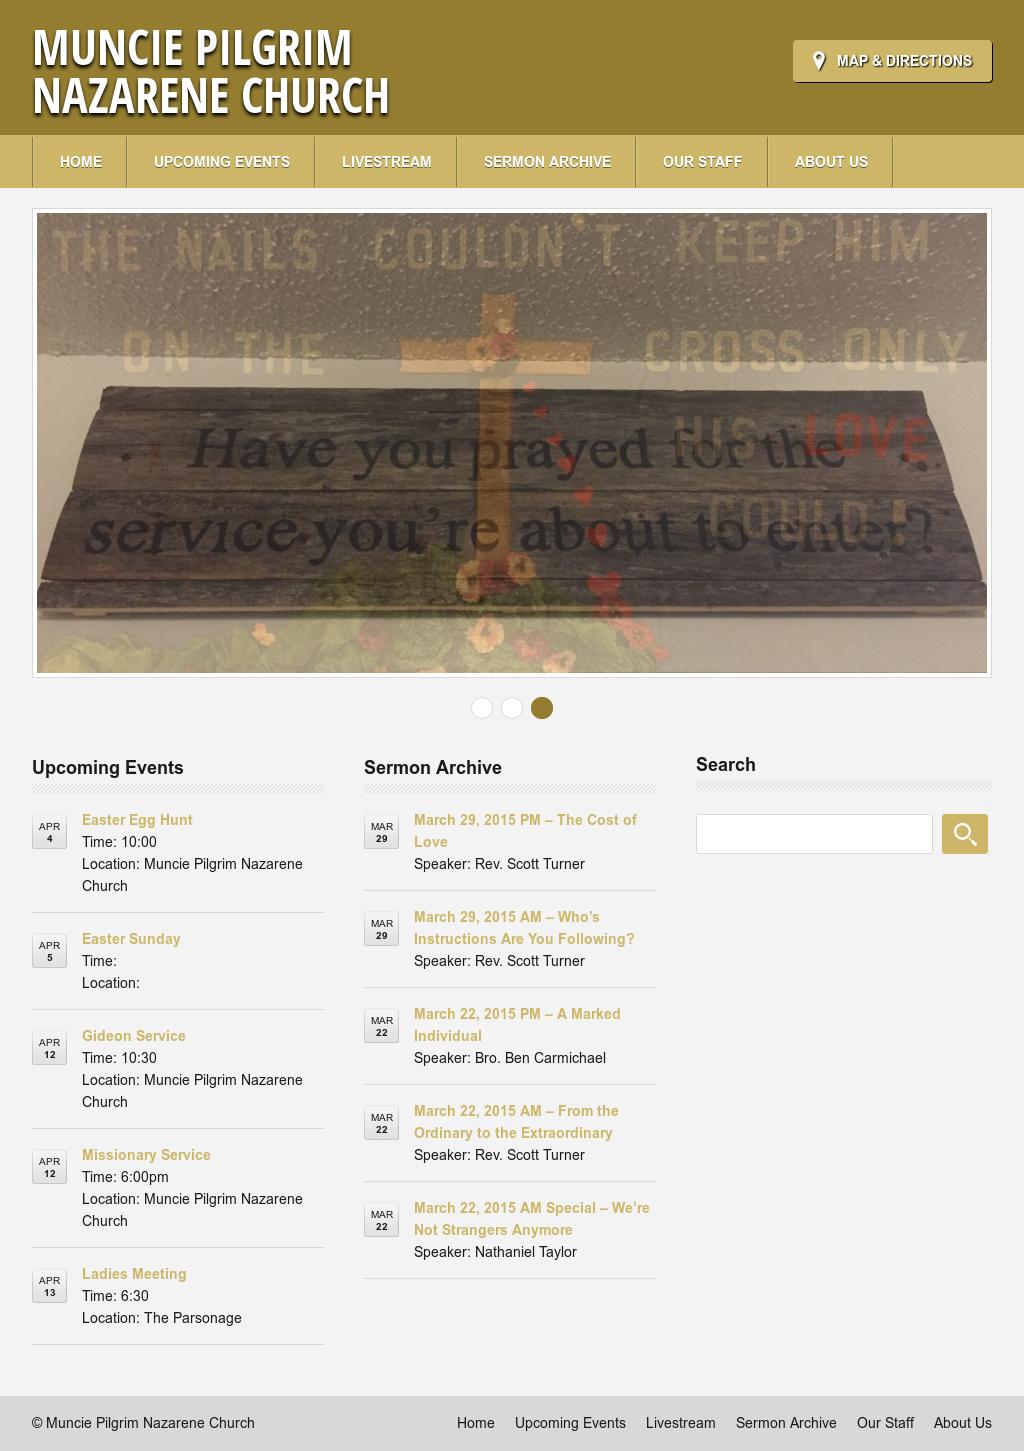 Muncie Pilgrim Nazarene Church Competitors, Revenue and